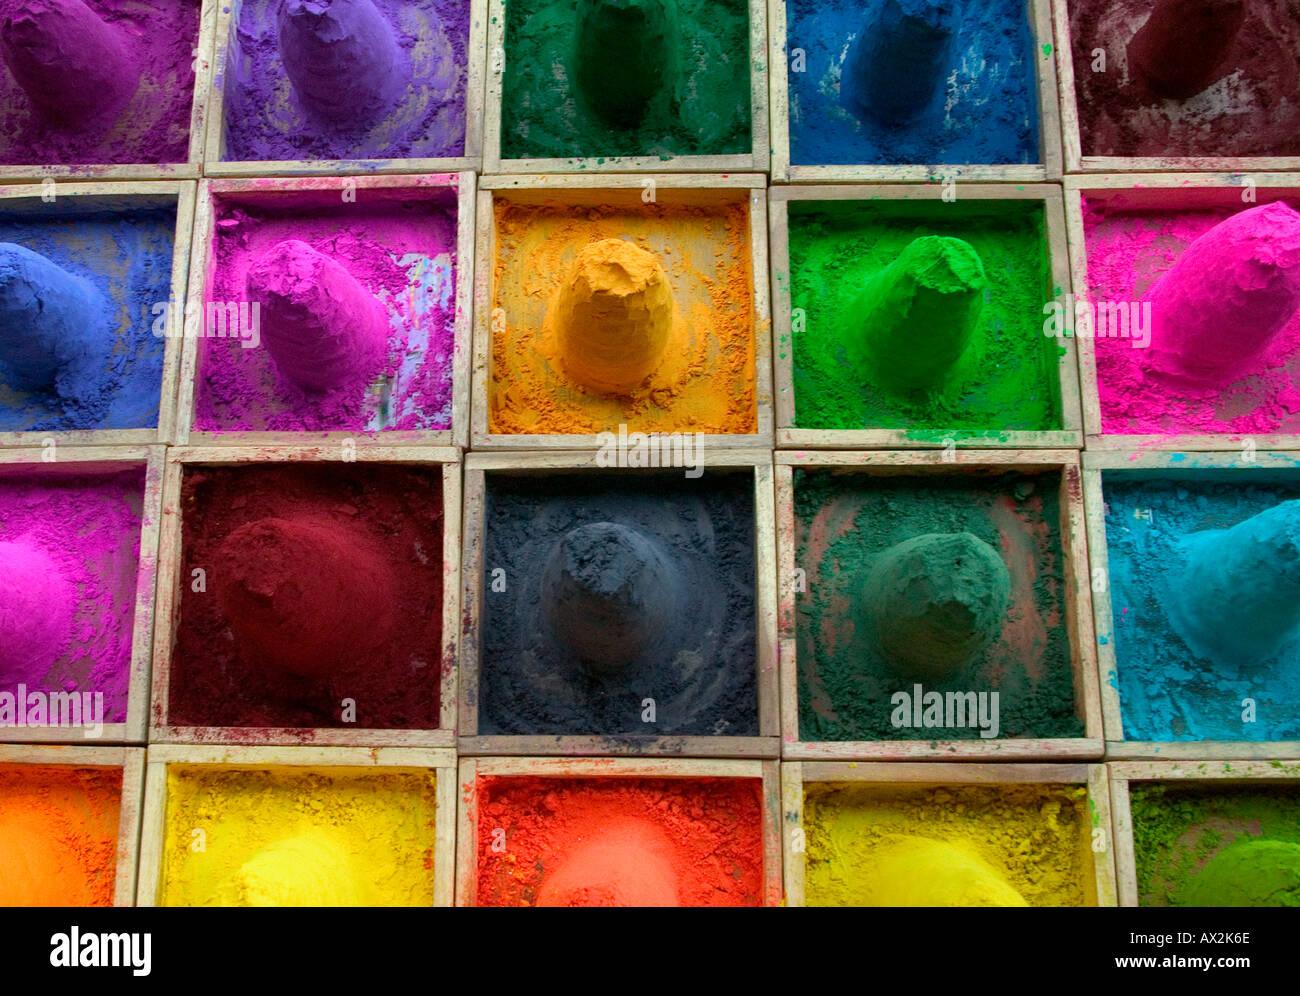 Venta de color en polvo en el mercado Pushkar, Rajastán, India Imagen De Stock